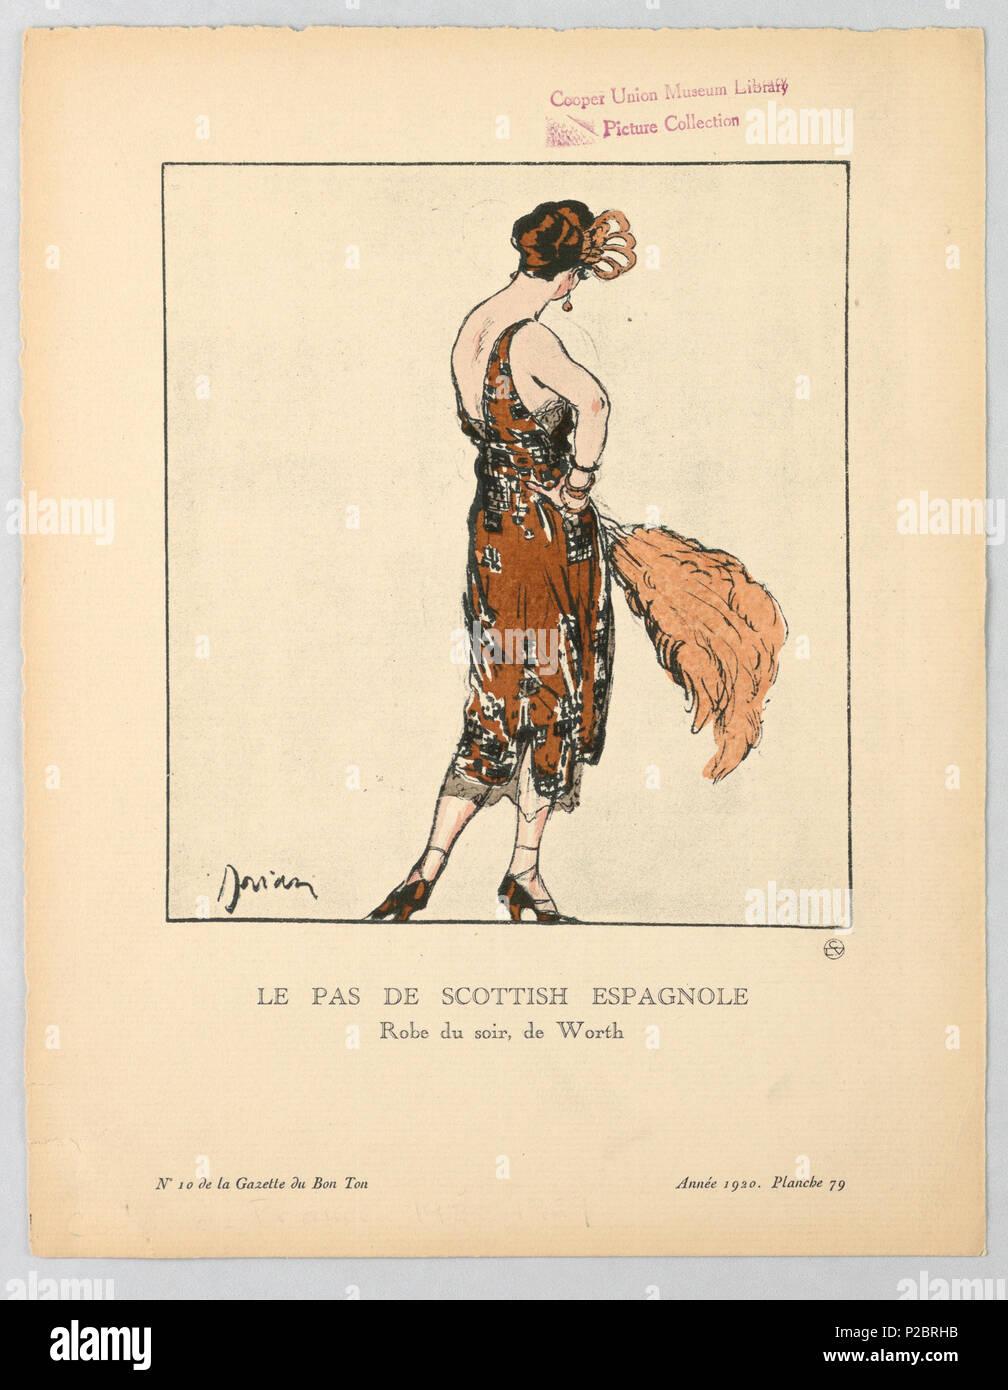 Inglés Imprimir Francia 1920 Inglés El Título Dice